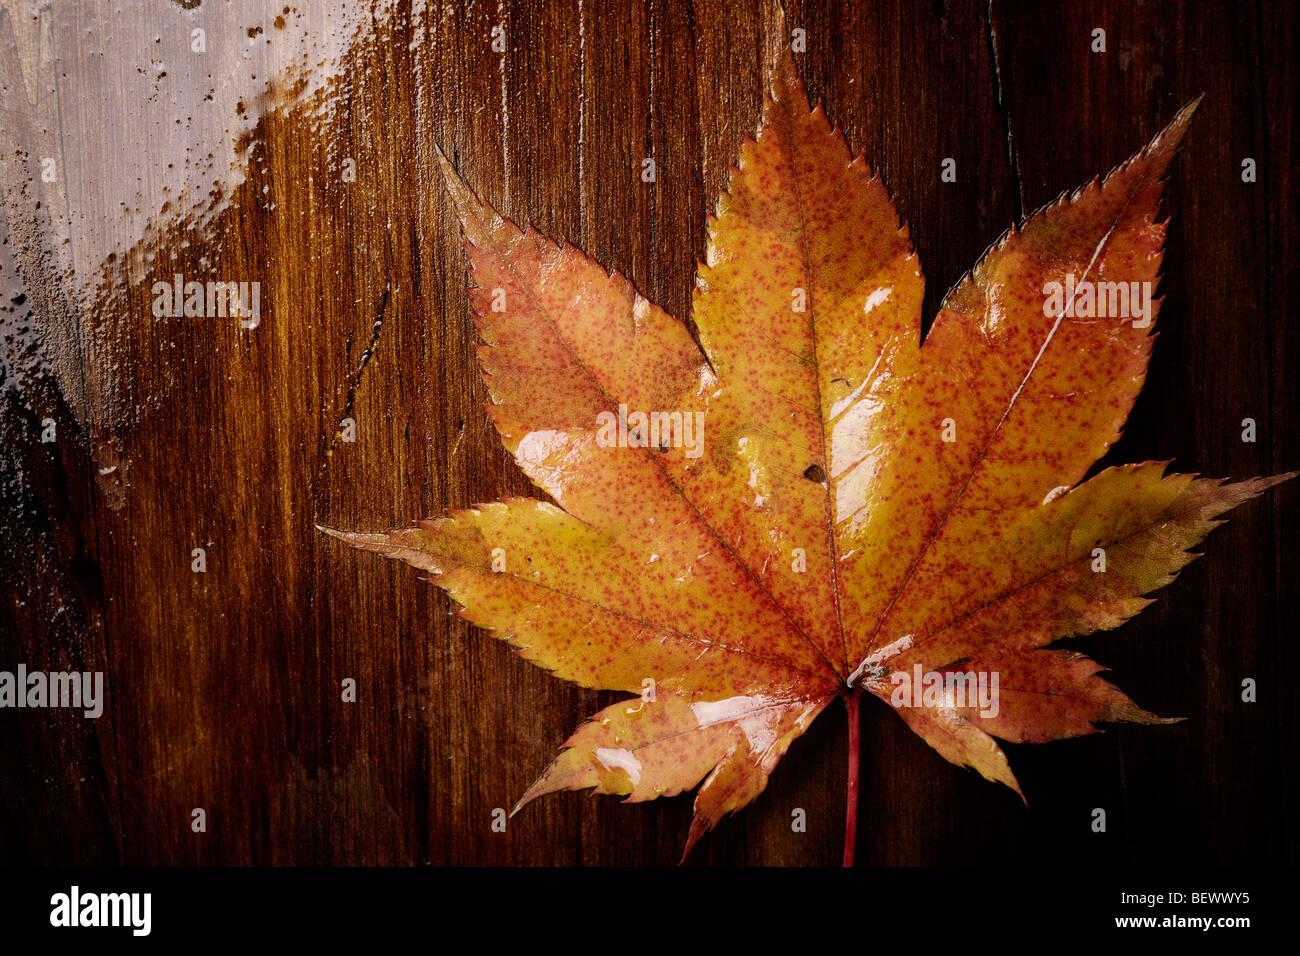 Herbst-Konzept, selektiven Fokus Mitte des Bildes, spezielle durchtrainierte Foto f / x Stockbild